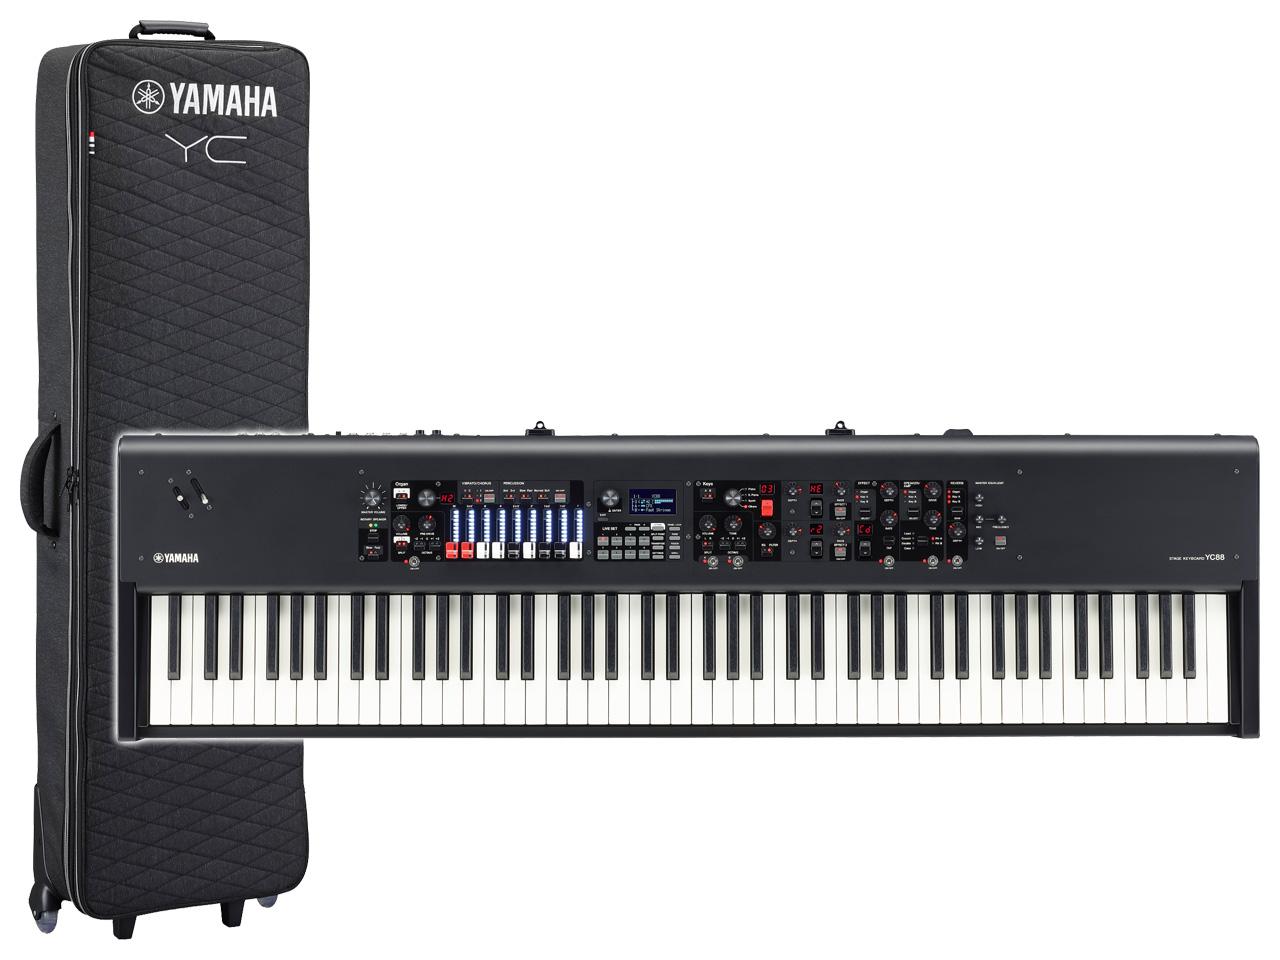 【即納可能】YAMAHA YC88 + 専用プレミアムソフトケース SC-YC88 セット(新品)【送料無料】